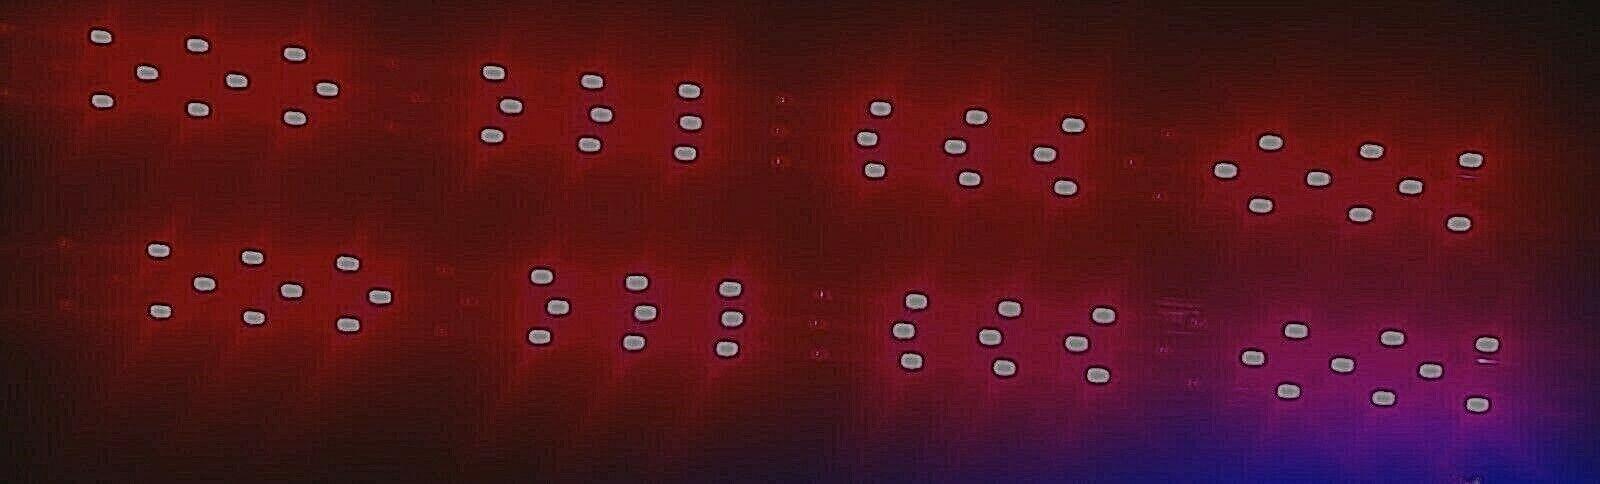 Brojoe 3 tira de sol de refuerzo 24v Samsung LED 48 Diodo 660nm 730nm inot Quantum